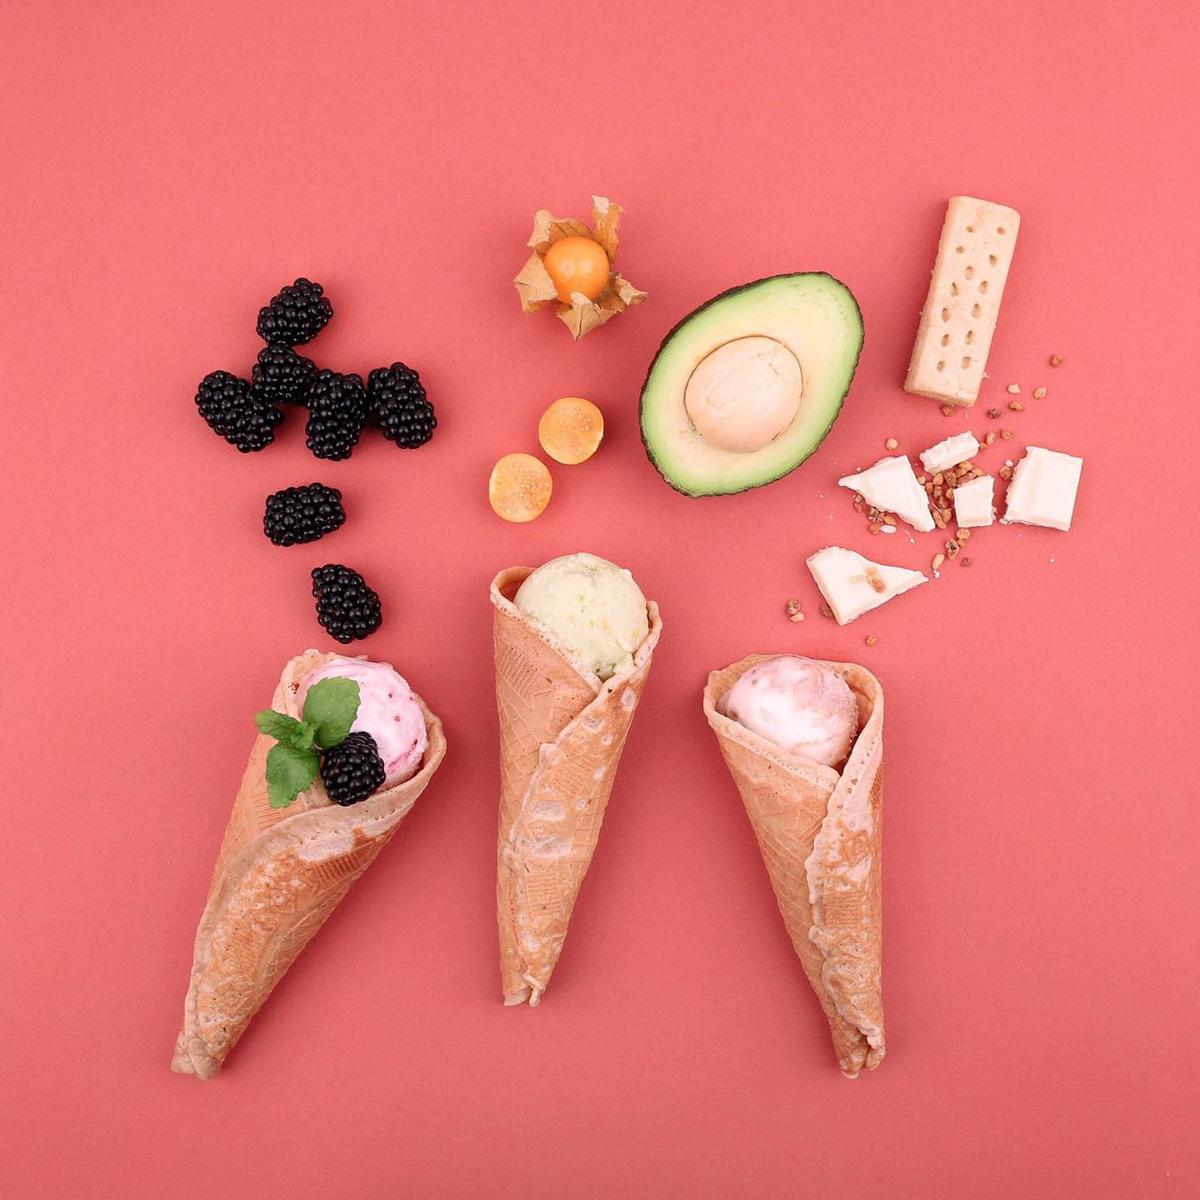 Yeay Organic Ice Cream Berlin-Treptow